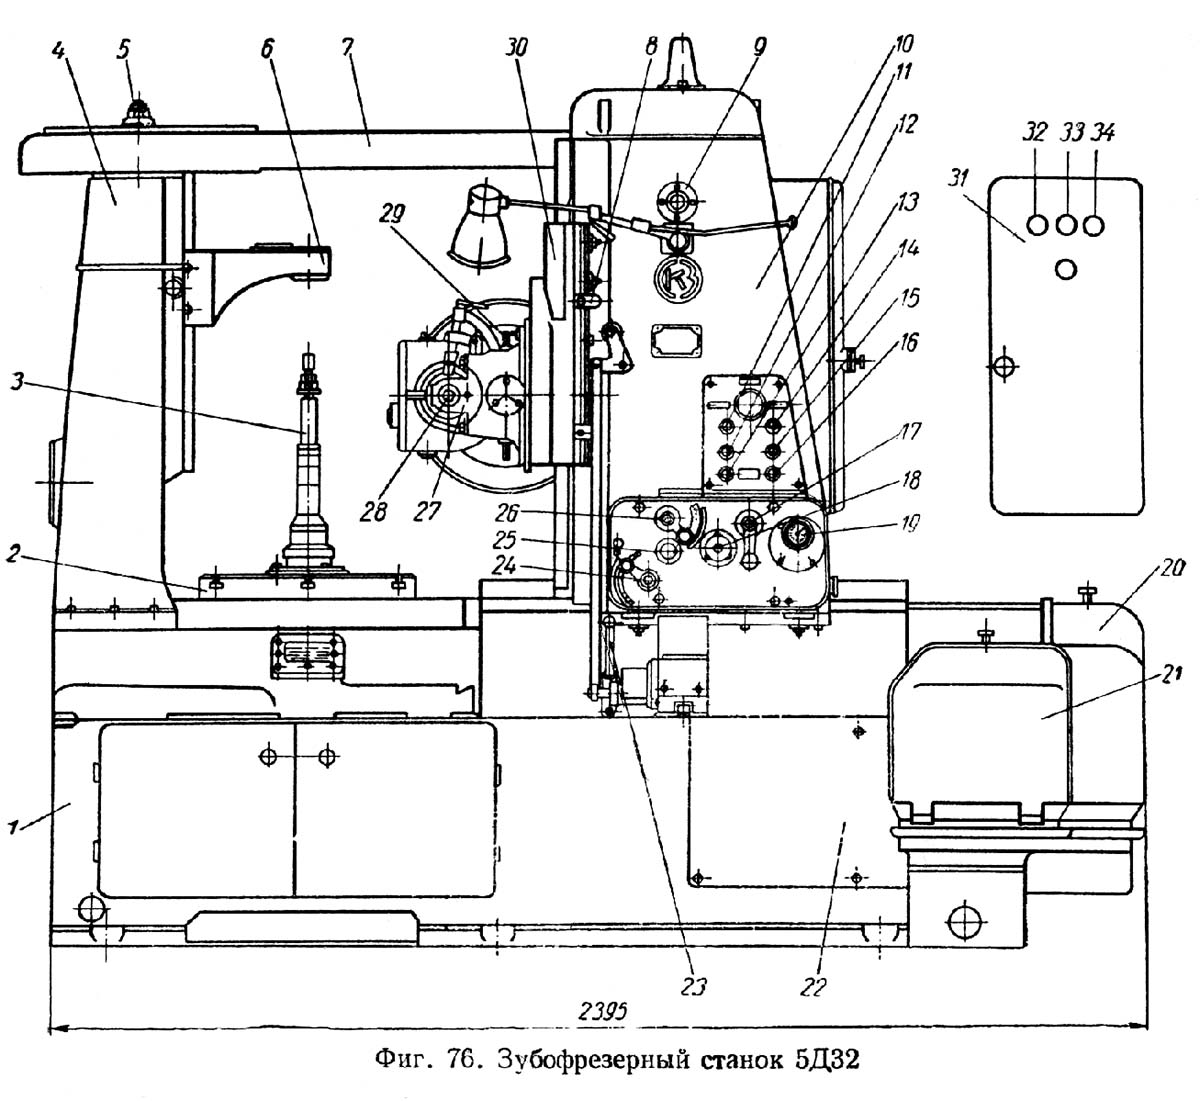 5к32 станок зубофрезерный вертикальный полуавтомат. паспорт, схемы, характеристики, описание